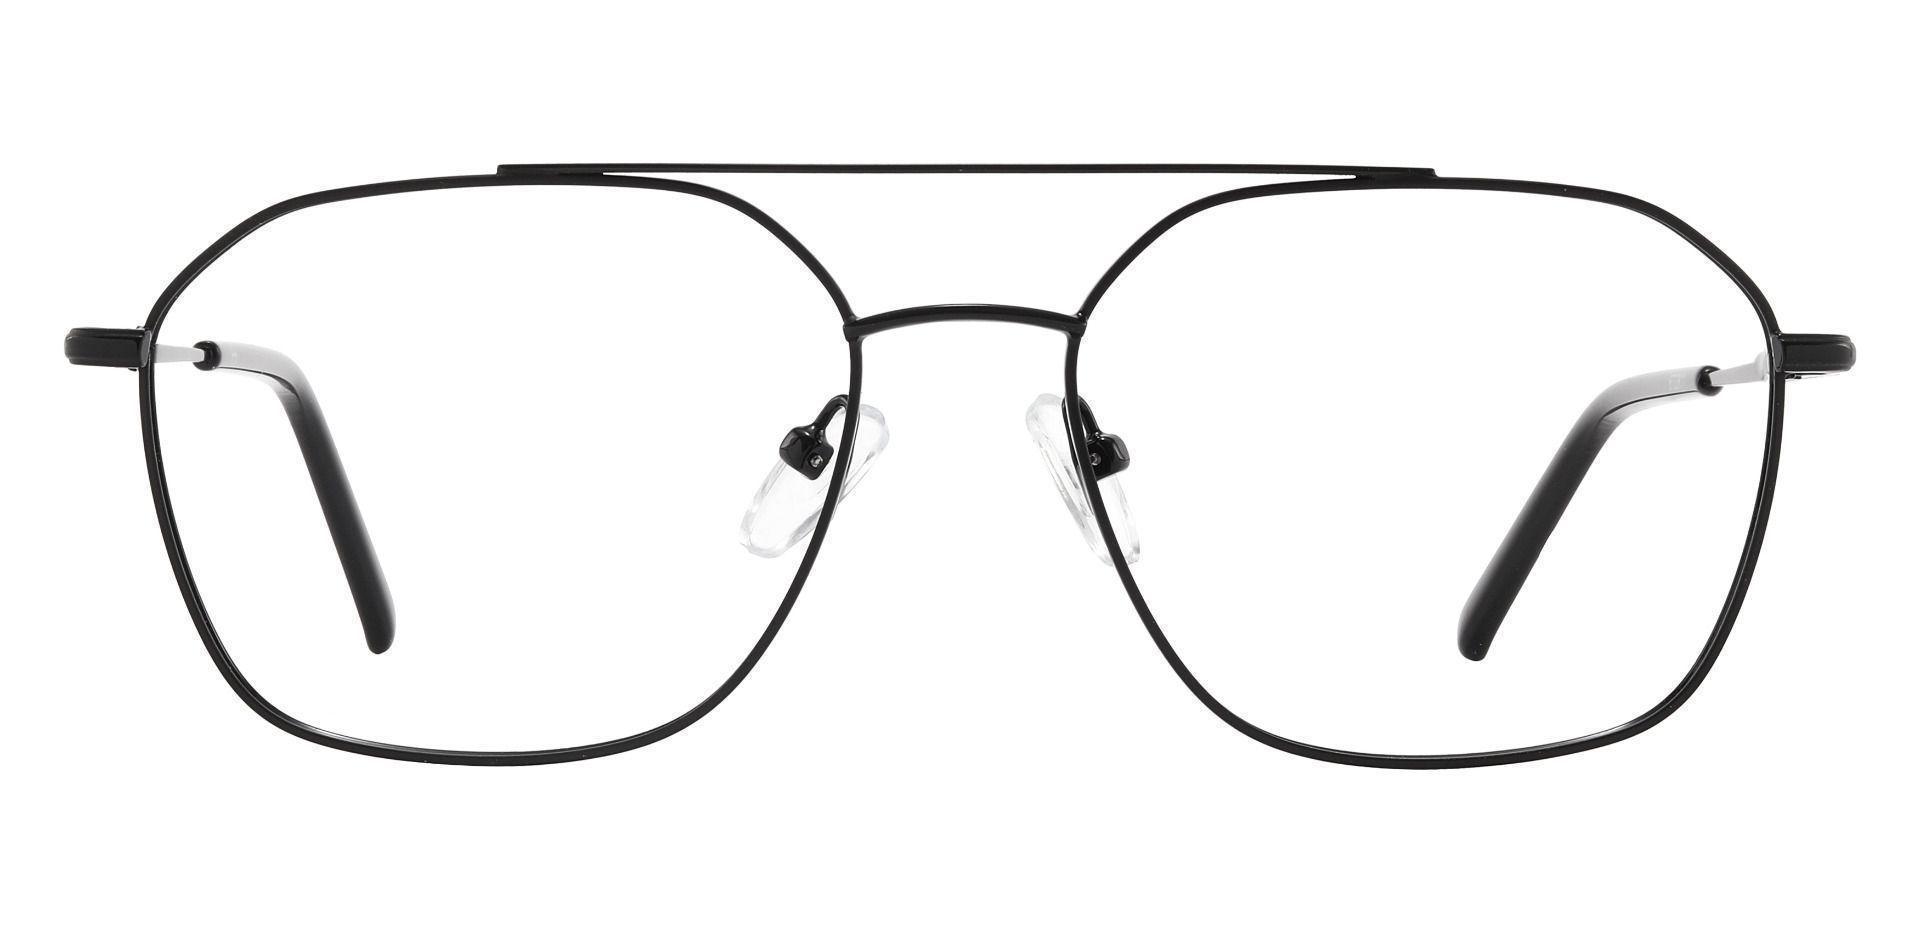 Harvey Aviator Prescription Glasses - Black